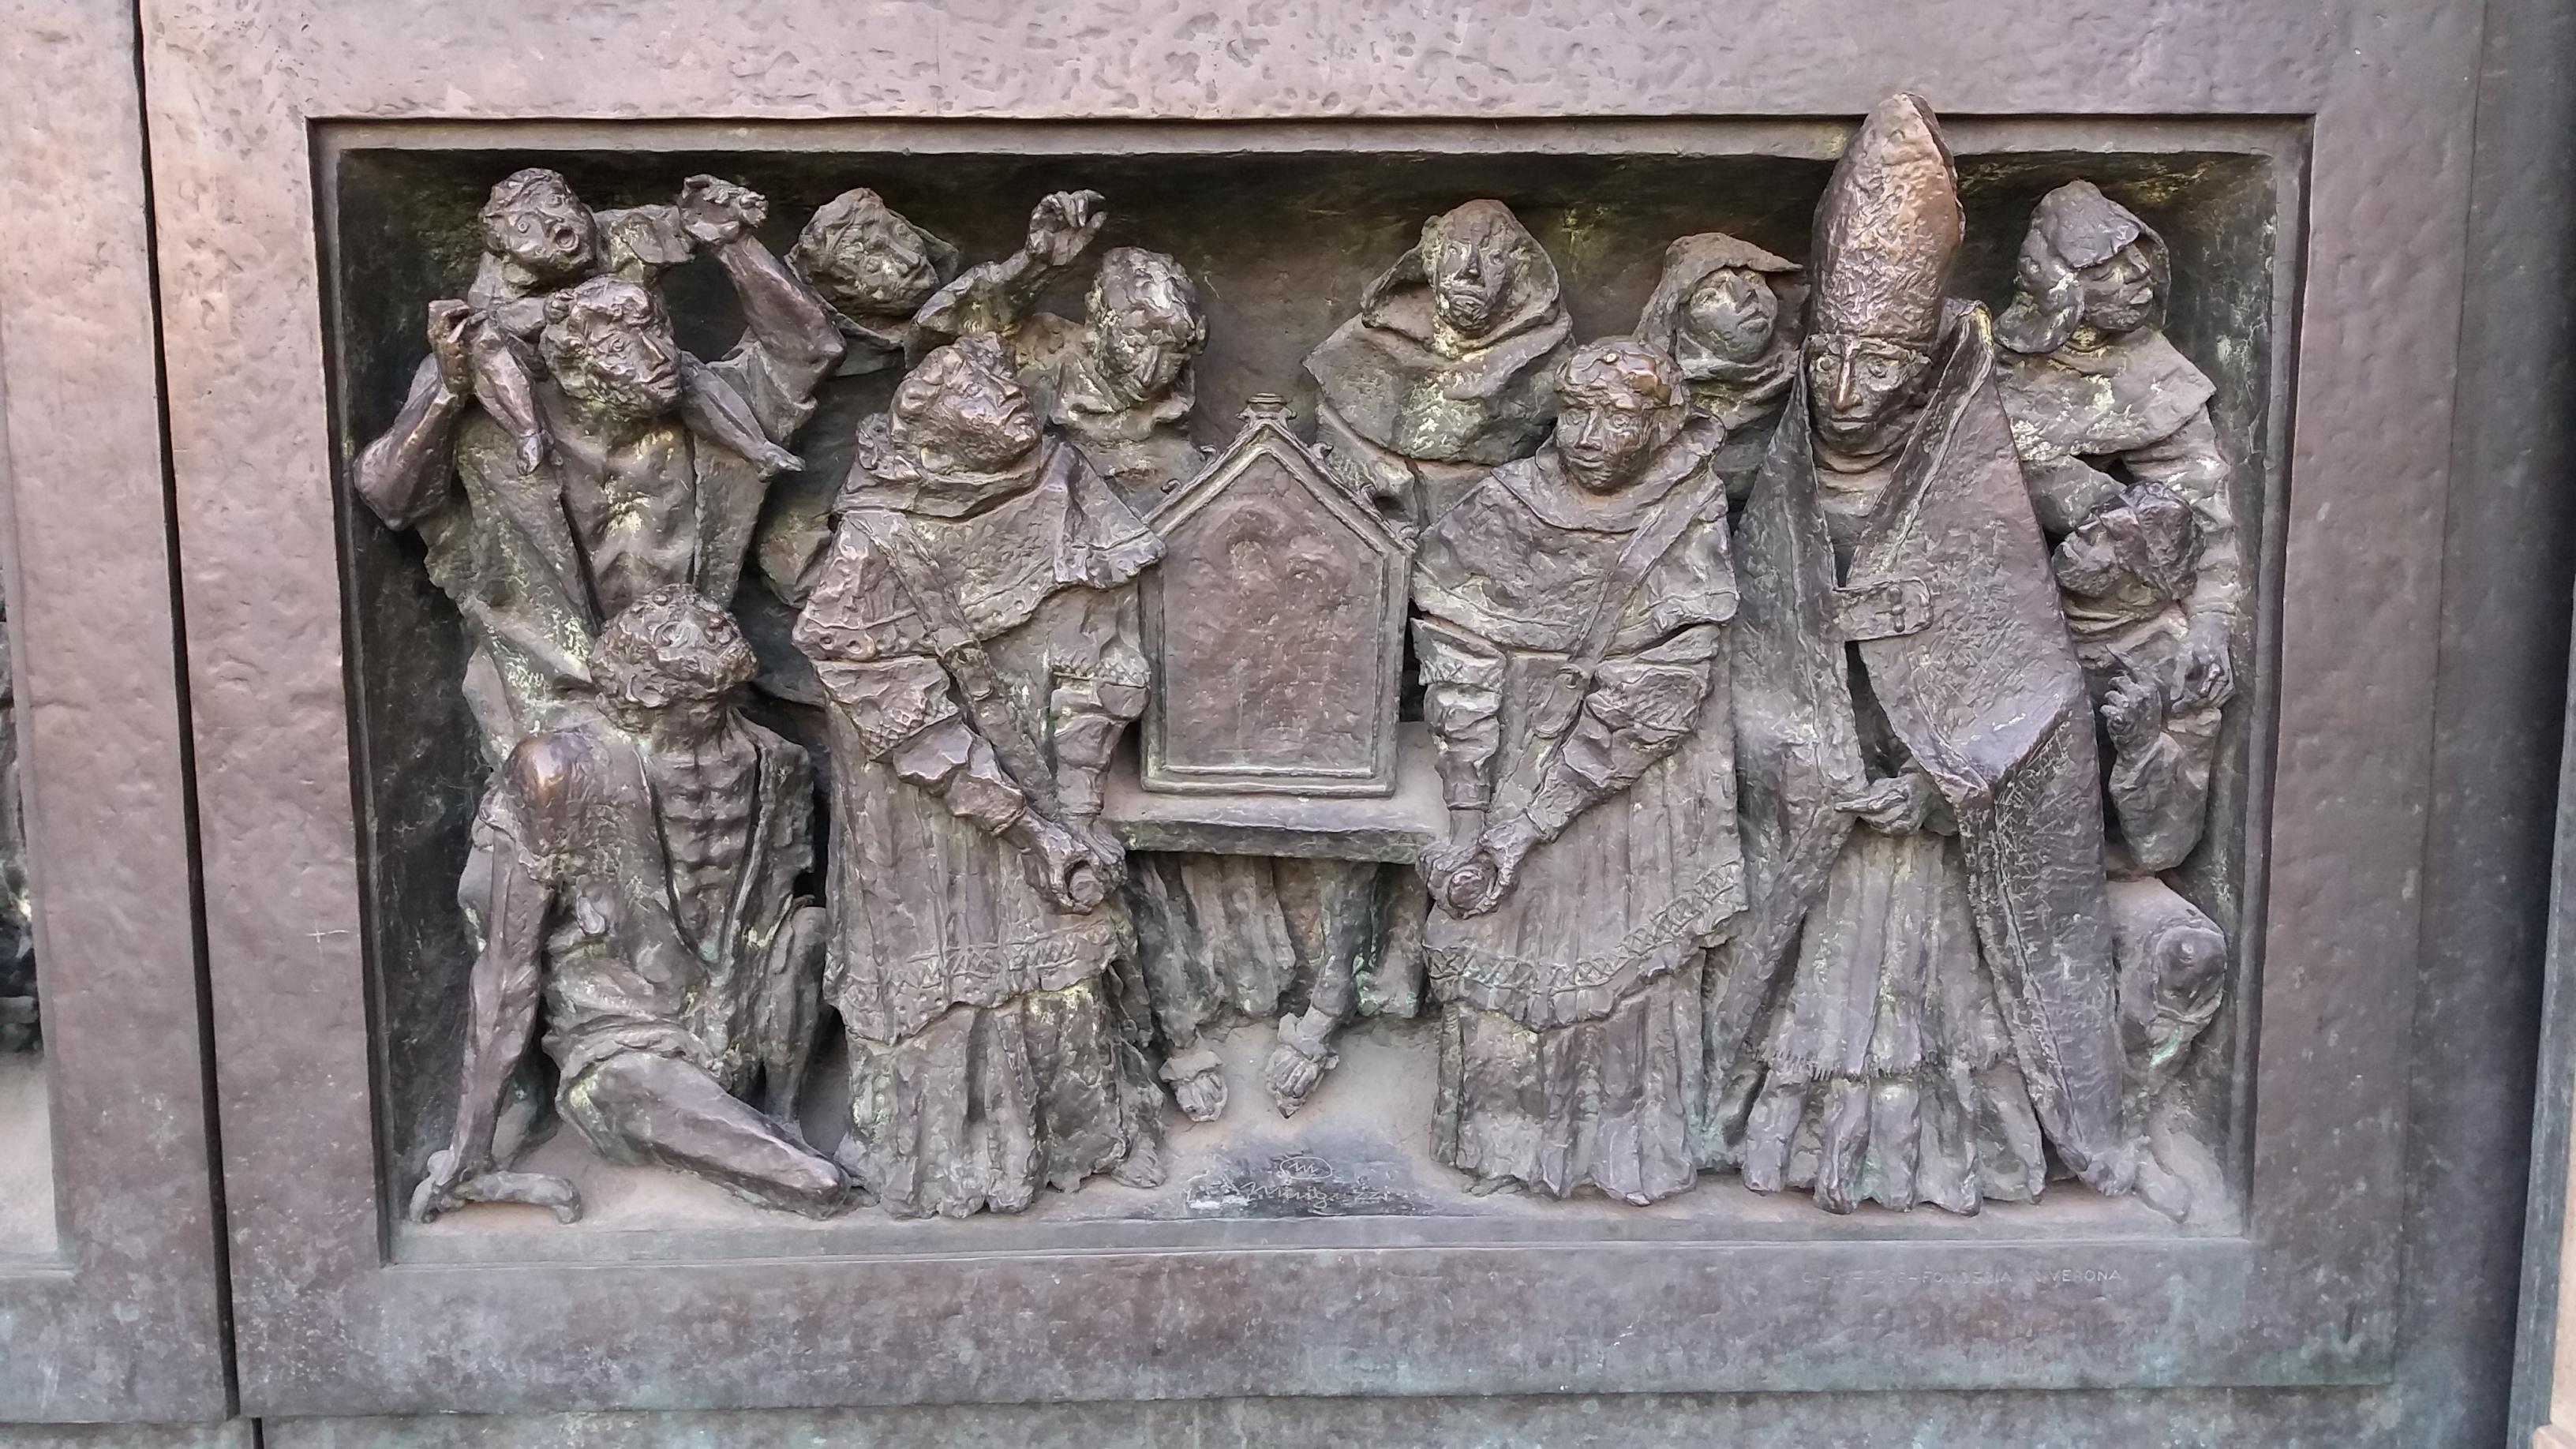 Formella all'interno della quinta porta de Duomo di Milano, realizzata da Luciano Minguzzi, nel 1965.